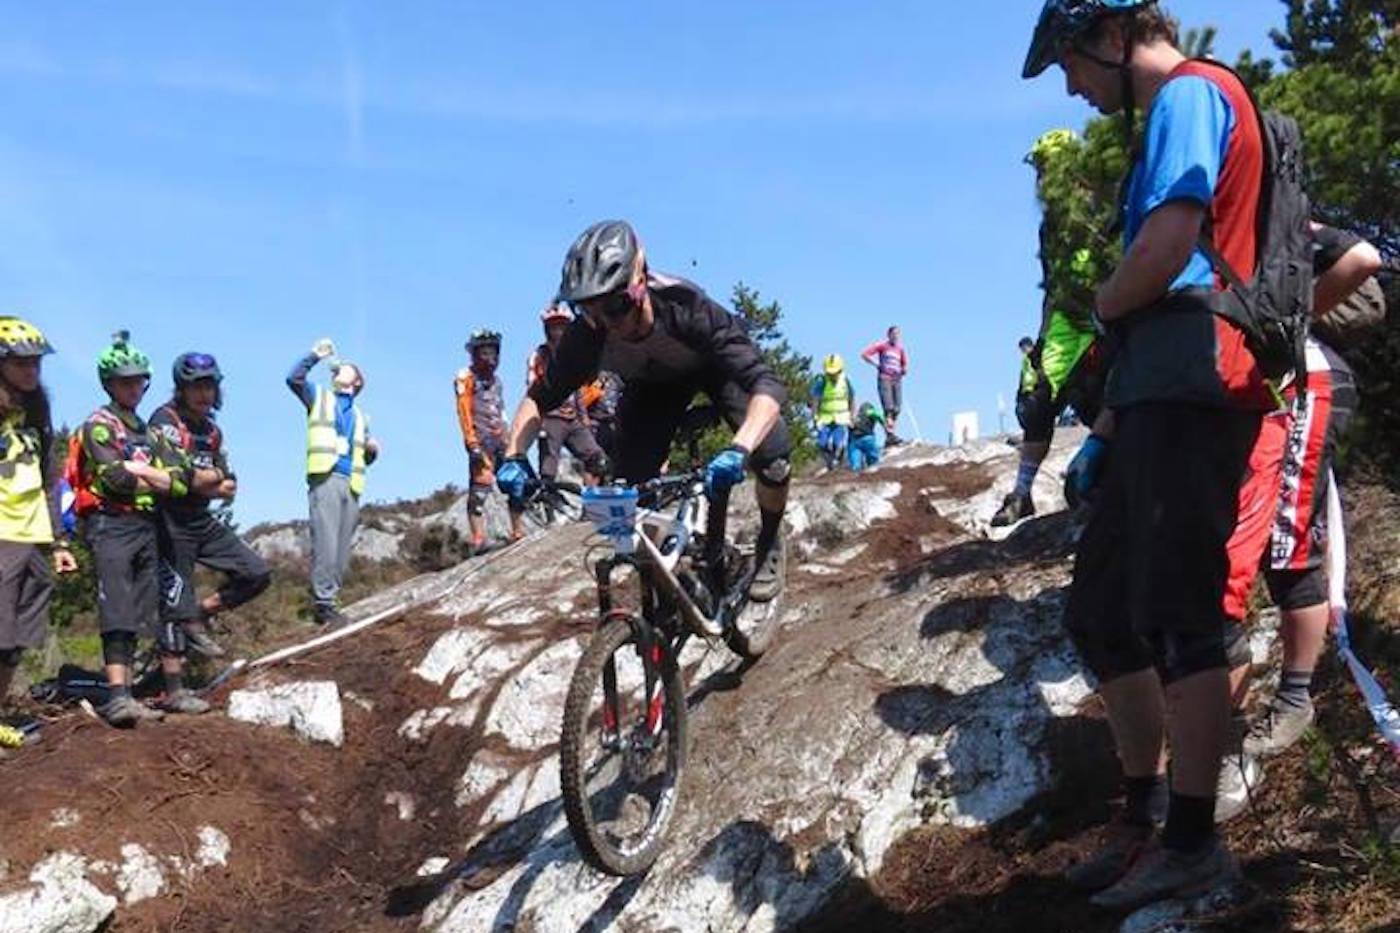 Zakka vil vinne den europeiske endurocupen sammenlagt så lenge han blir nummer ni eller bedre i Leogang denne helga. Her fra EWS i Irland tidligere denne sesongen. Foto: Elin Blom